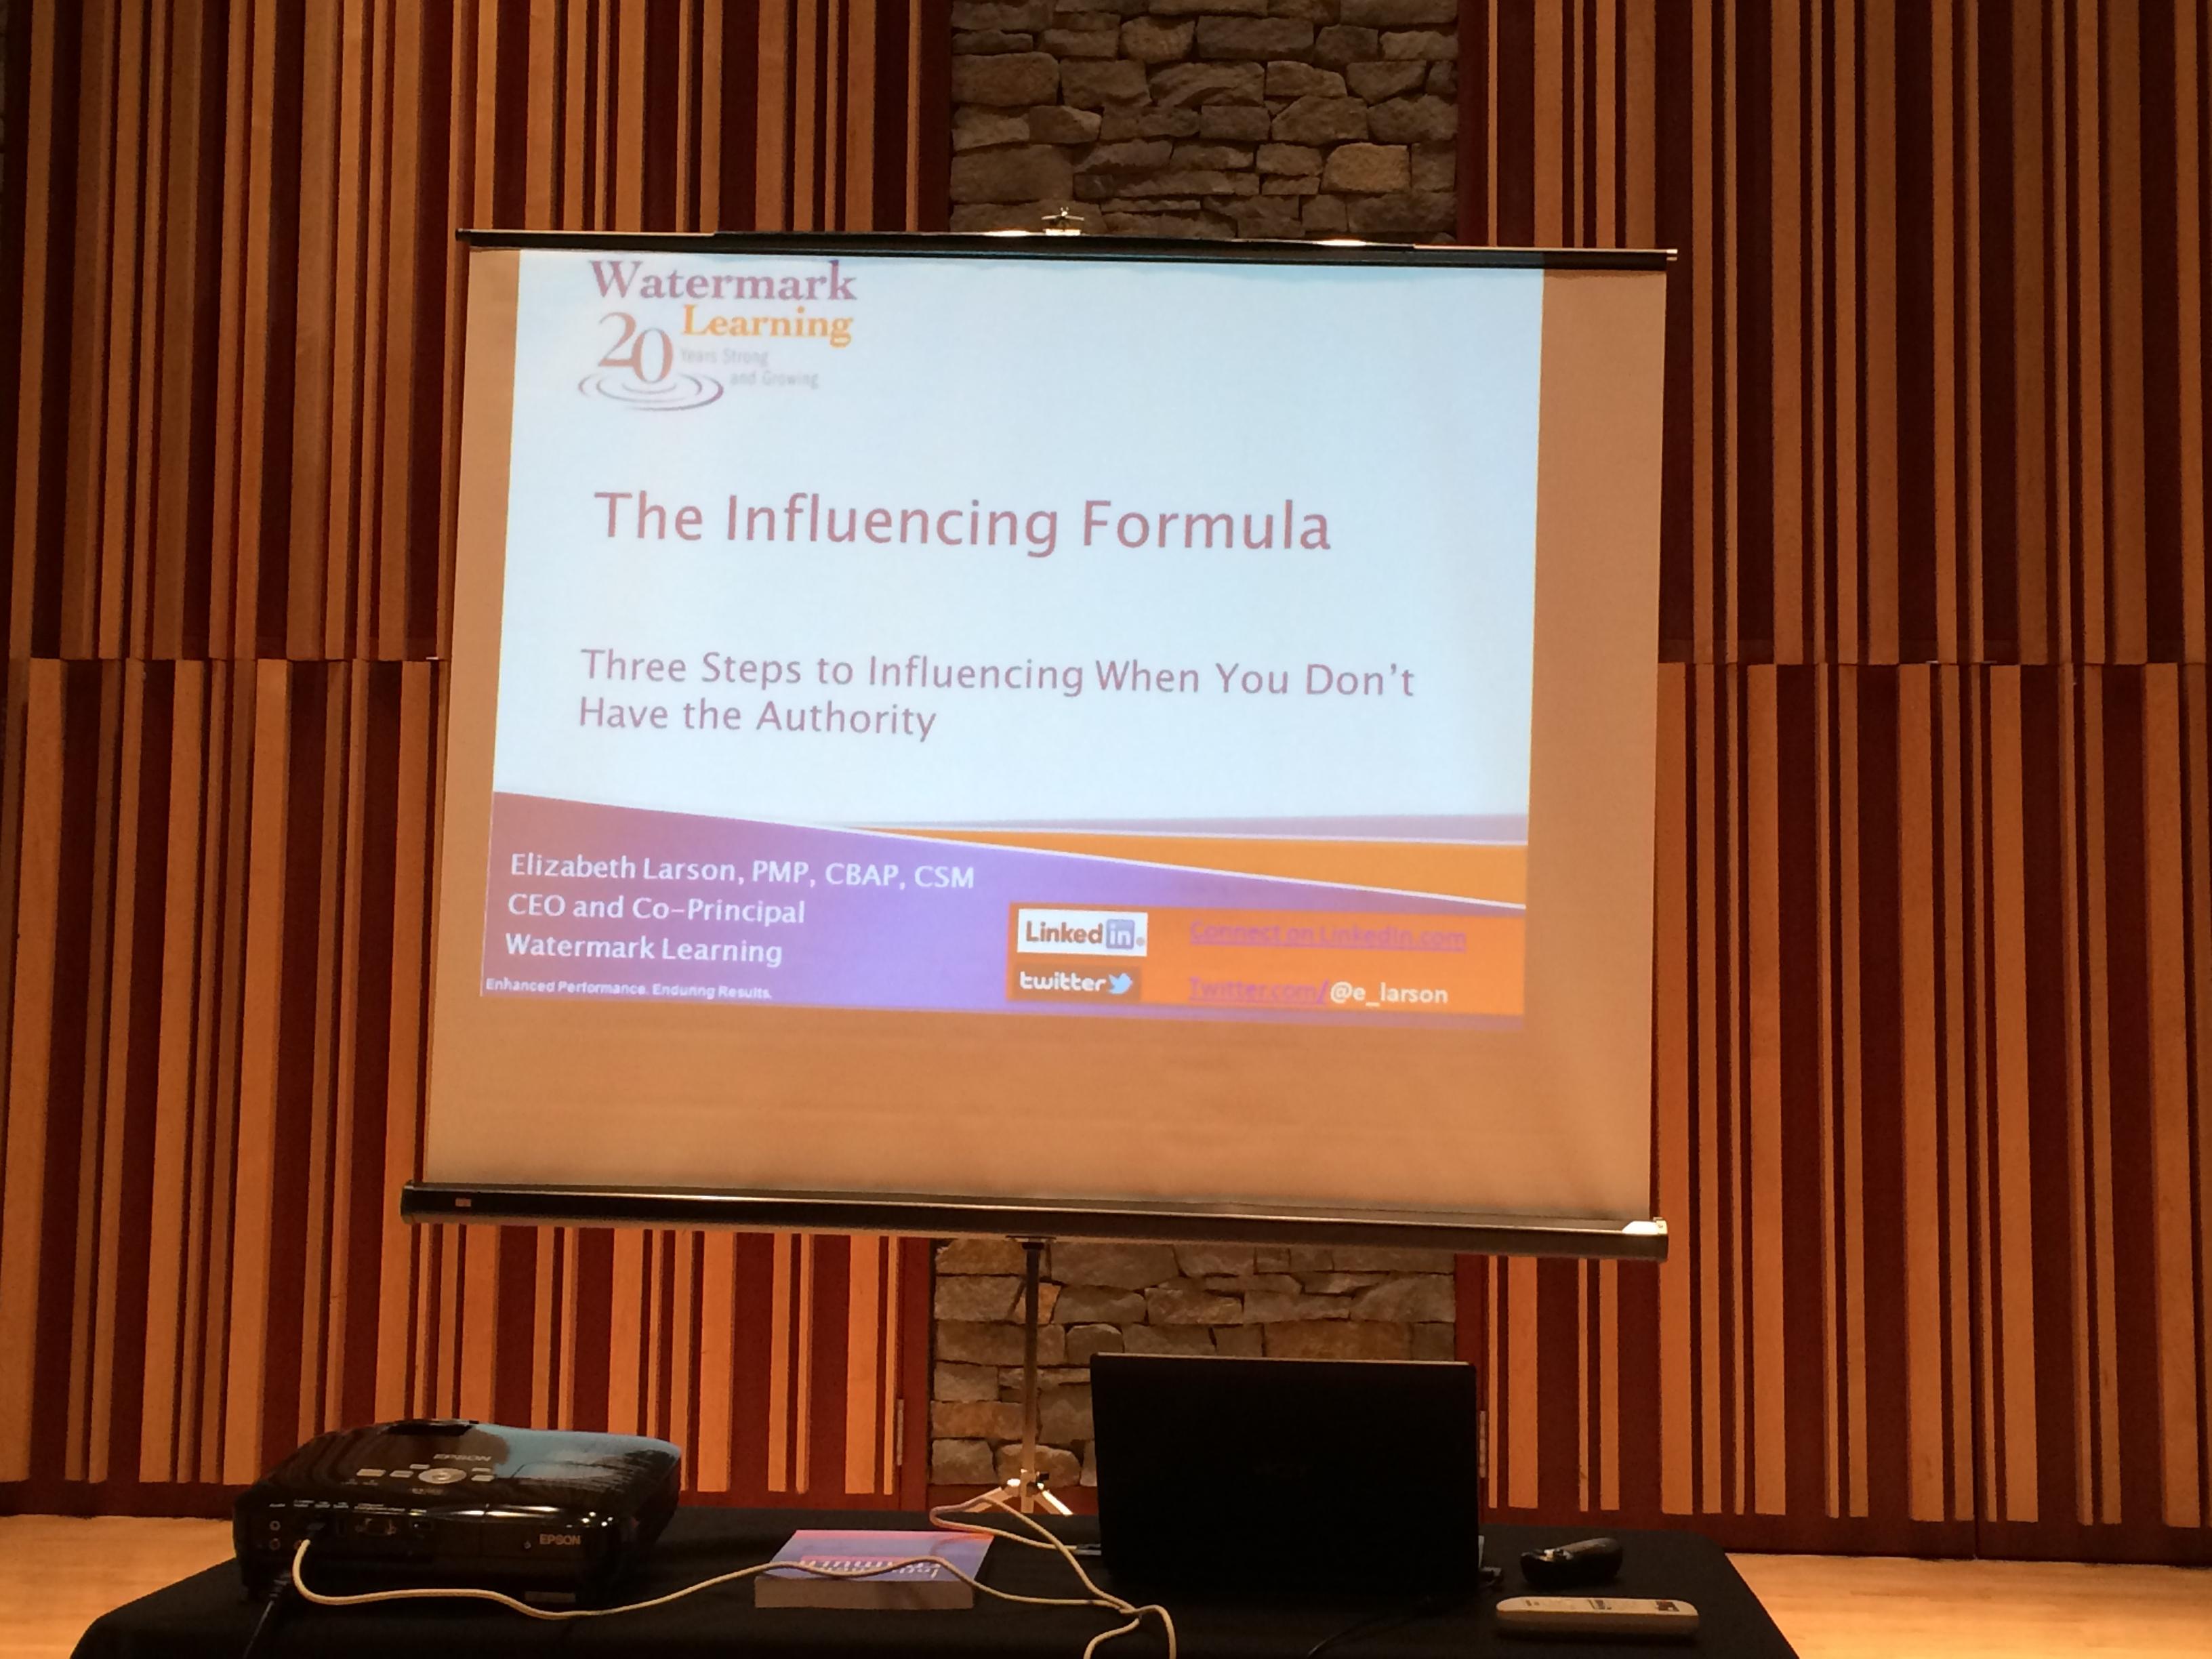 The Influencing Formula - Frank Yang